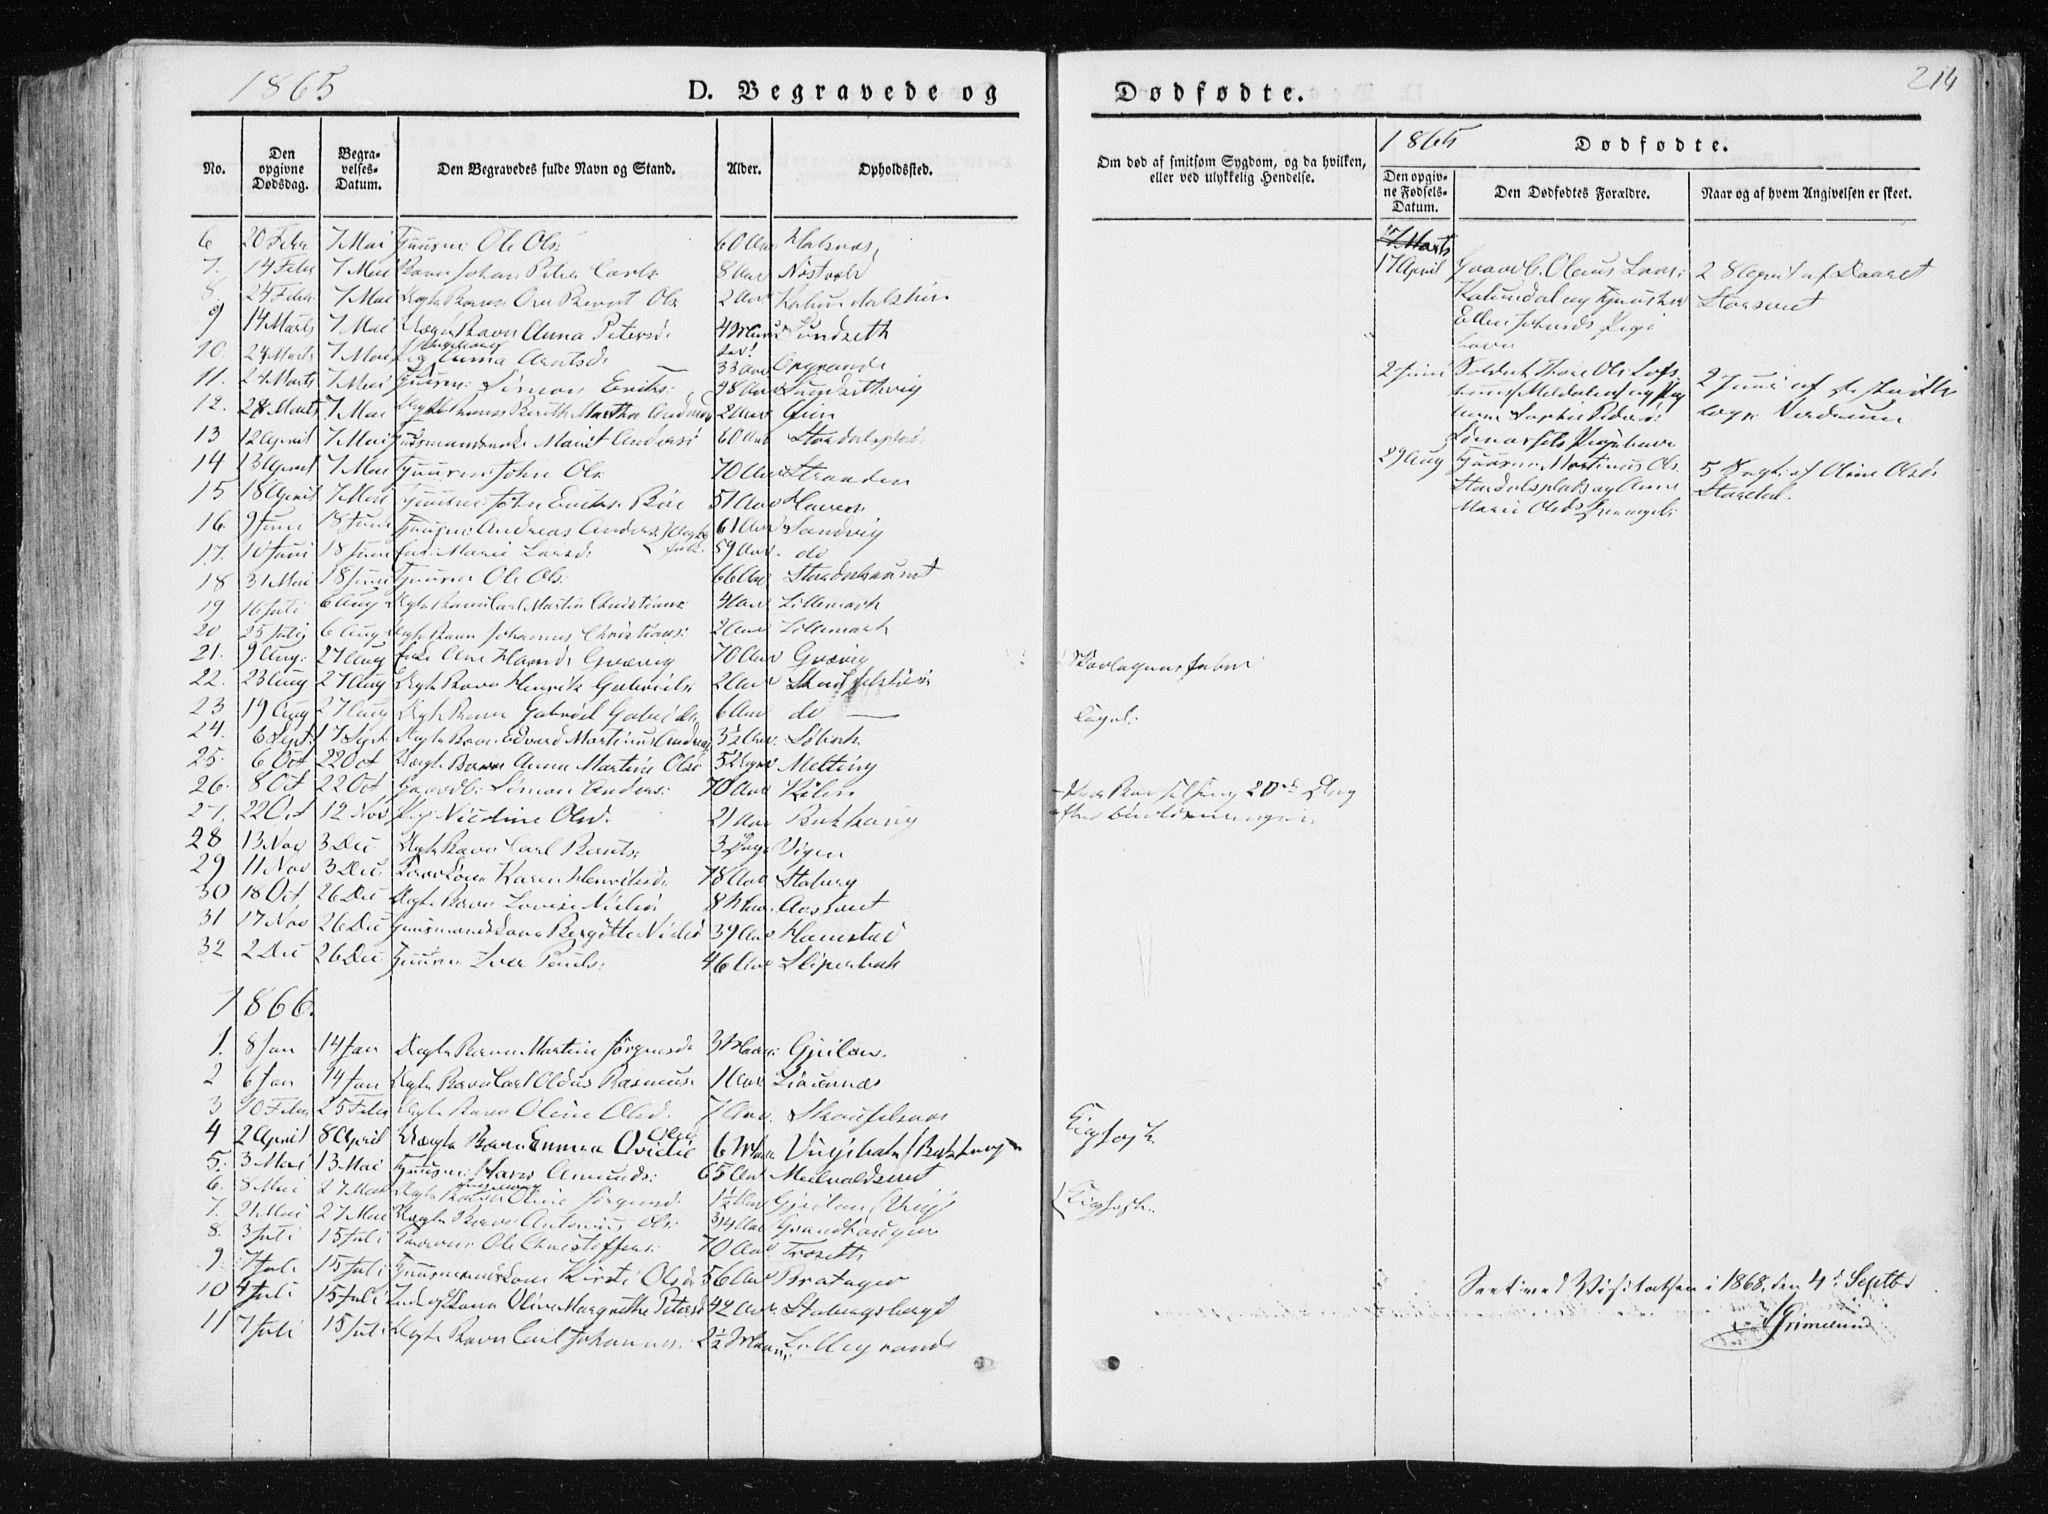 SAT, Ministerialprotokoller, klokkerbøker og fødselsregistre - Nord-Trøndelag, 733/L0323: Ministerialbok nr. 733A02, 1843-1870, s. 214